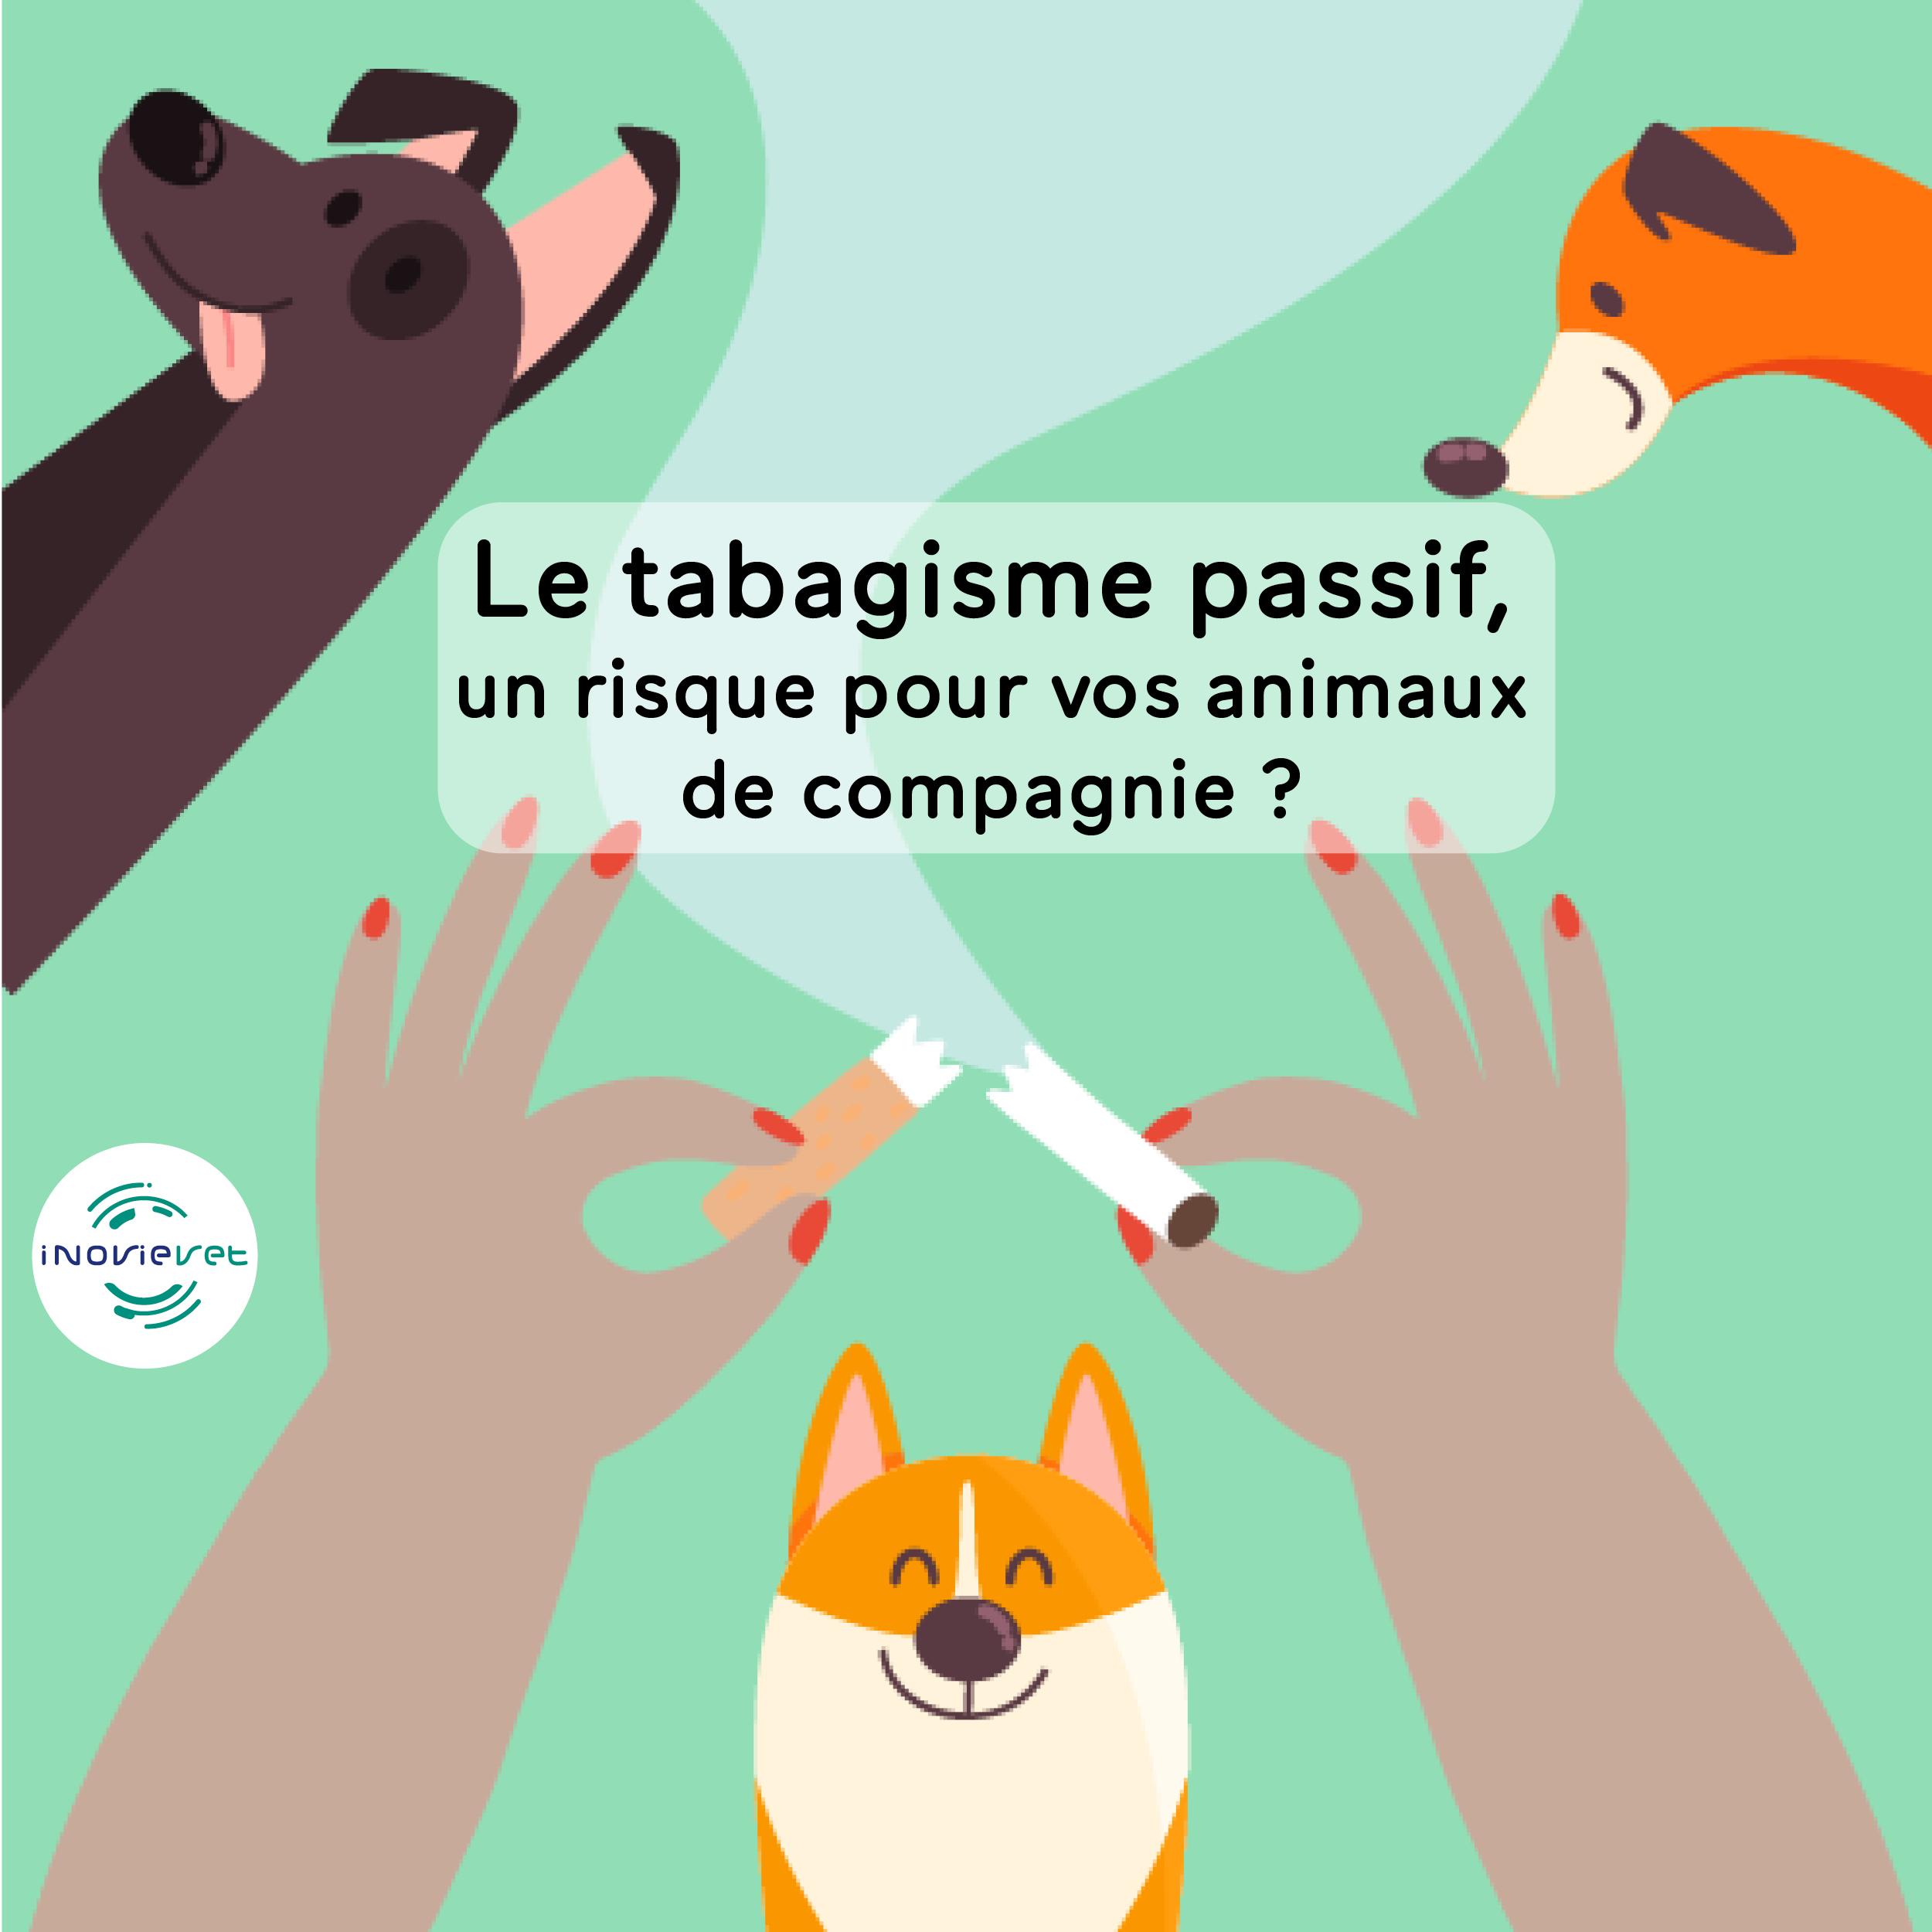 """L'image représente des mains qui cassent une cigarette, on voit plusieurs chiens dessinés heureux, et le titre de l'article """"Le tabagisme passif, un risque pour vos animaux de compagnie?"""" est encadré au centre."""